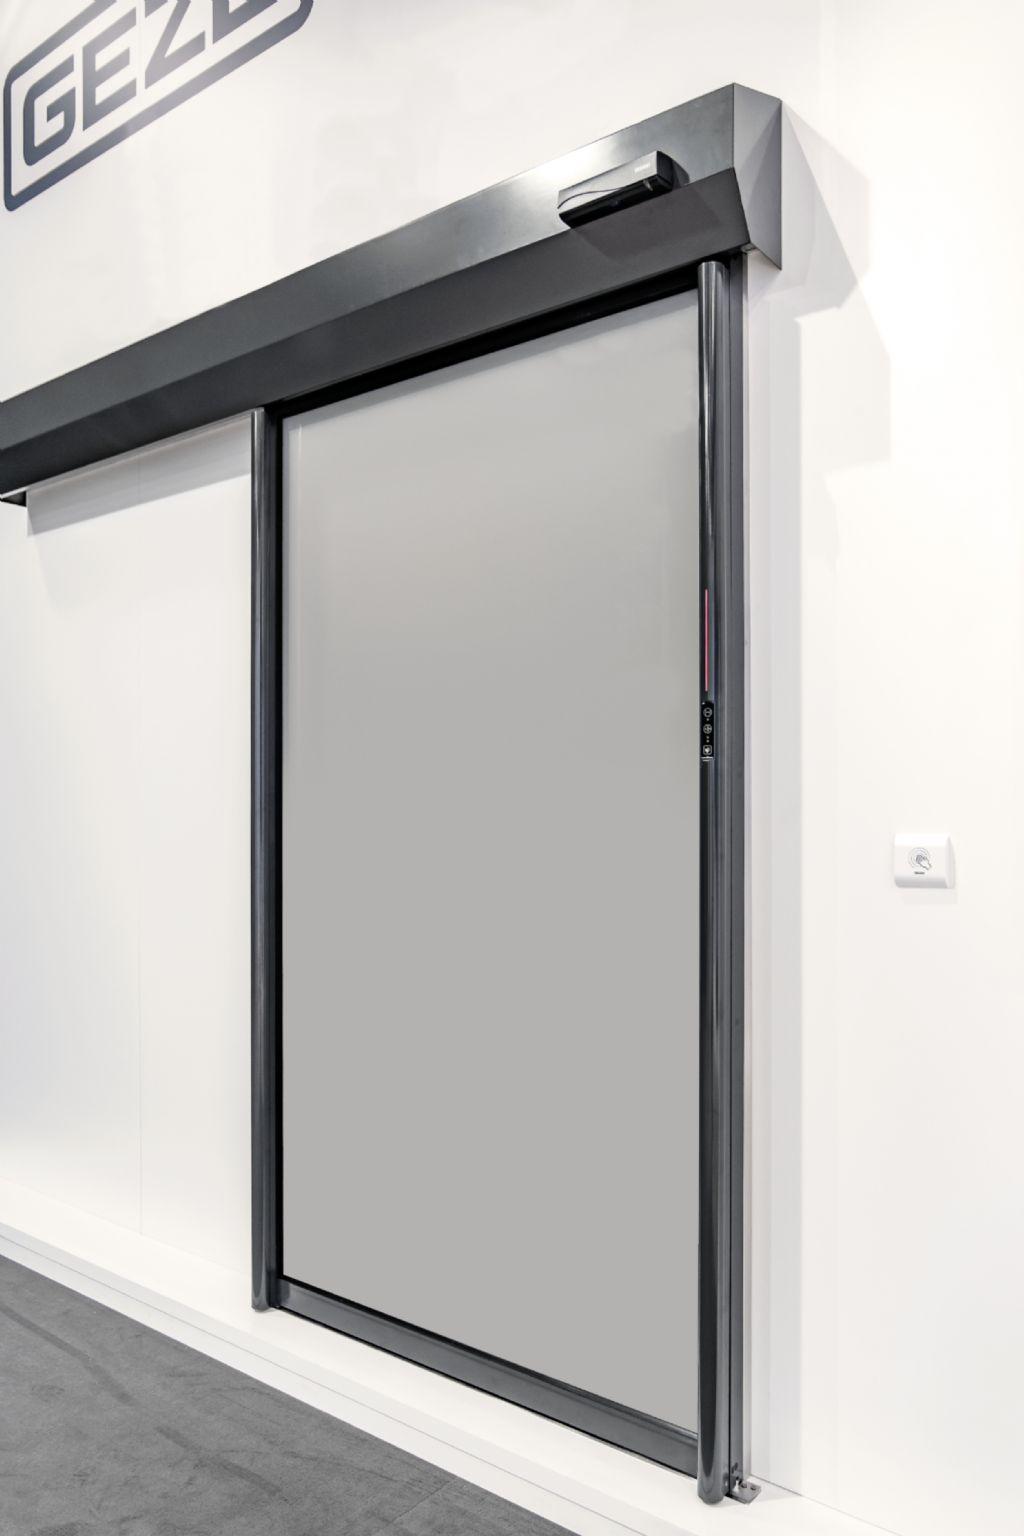 Met het nieuwe GEZE MCRdrive schuifdeursysteem presenteert GEZE een modulaire oplossing voor hermetisch afgesloten zones in een gebouw.